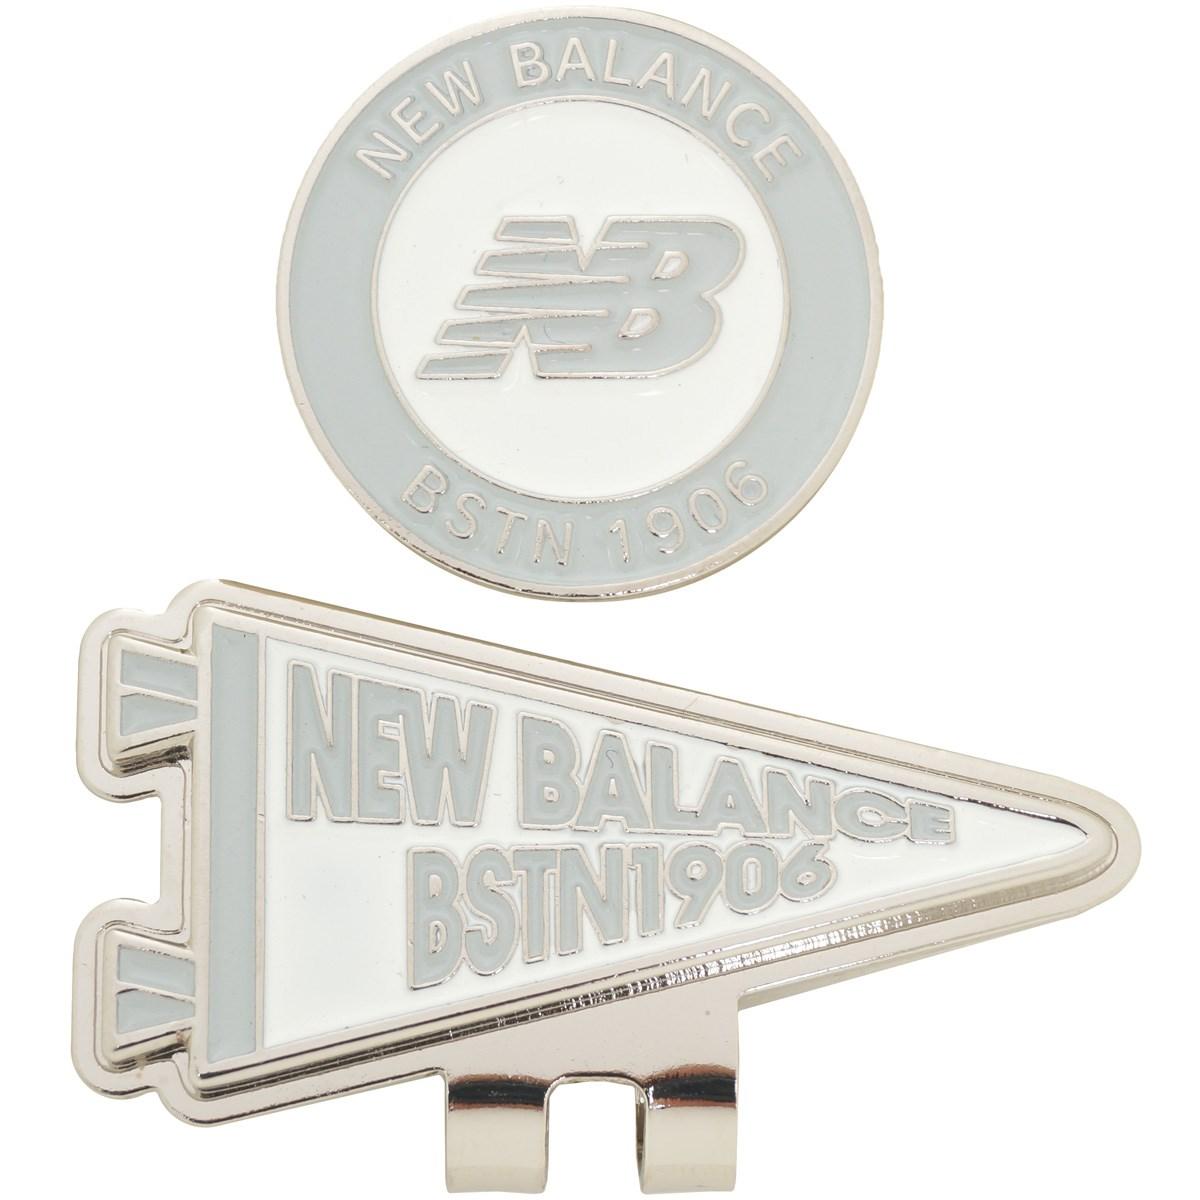 ニューバランス METRO フラッグ×new balanceロゴクリップマーカー